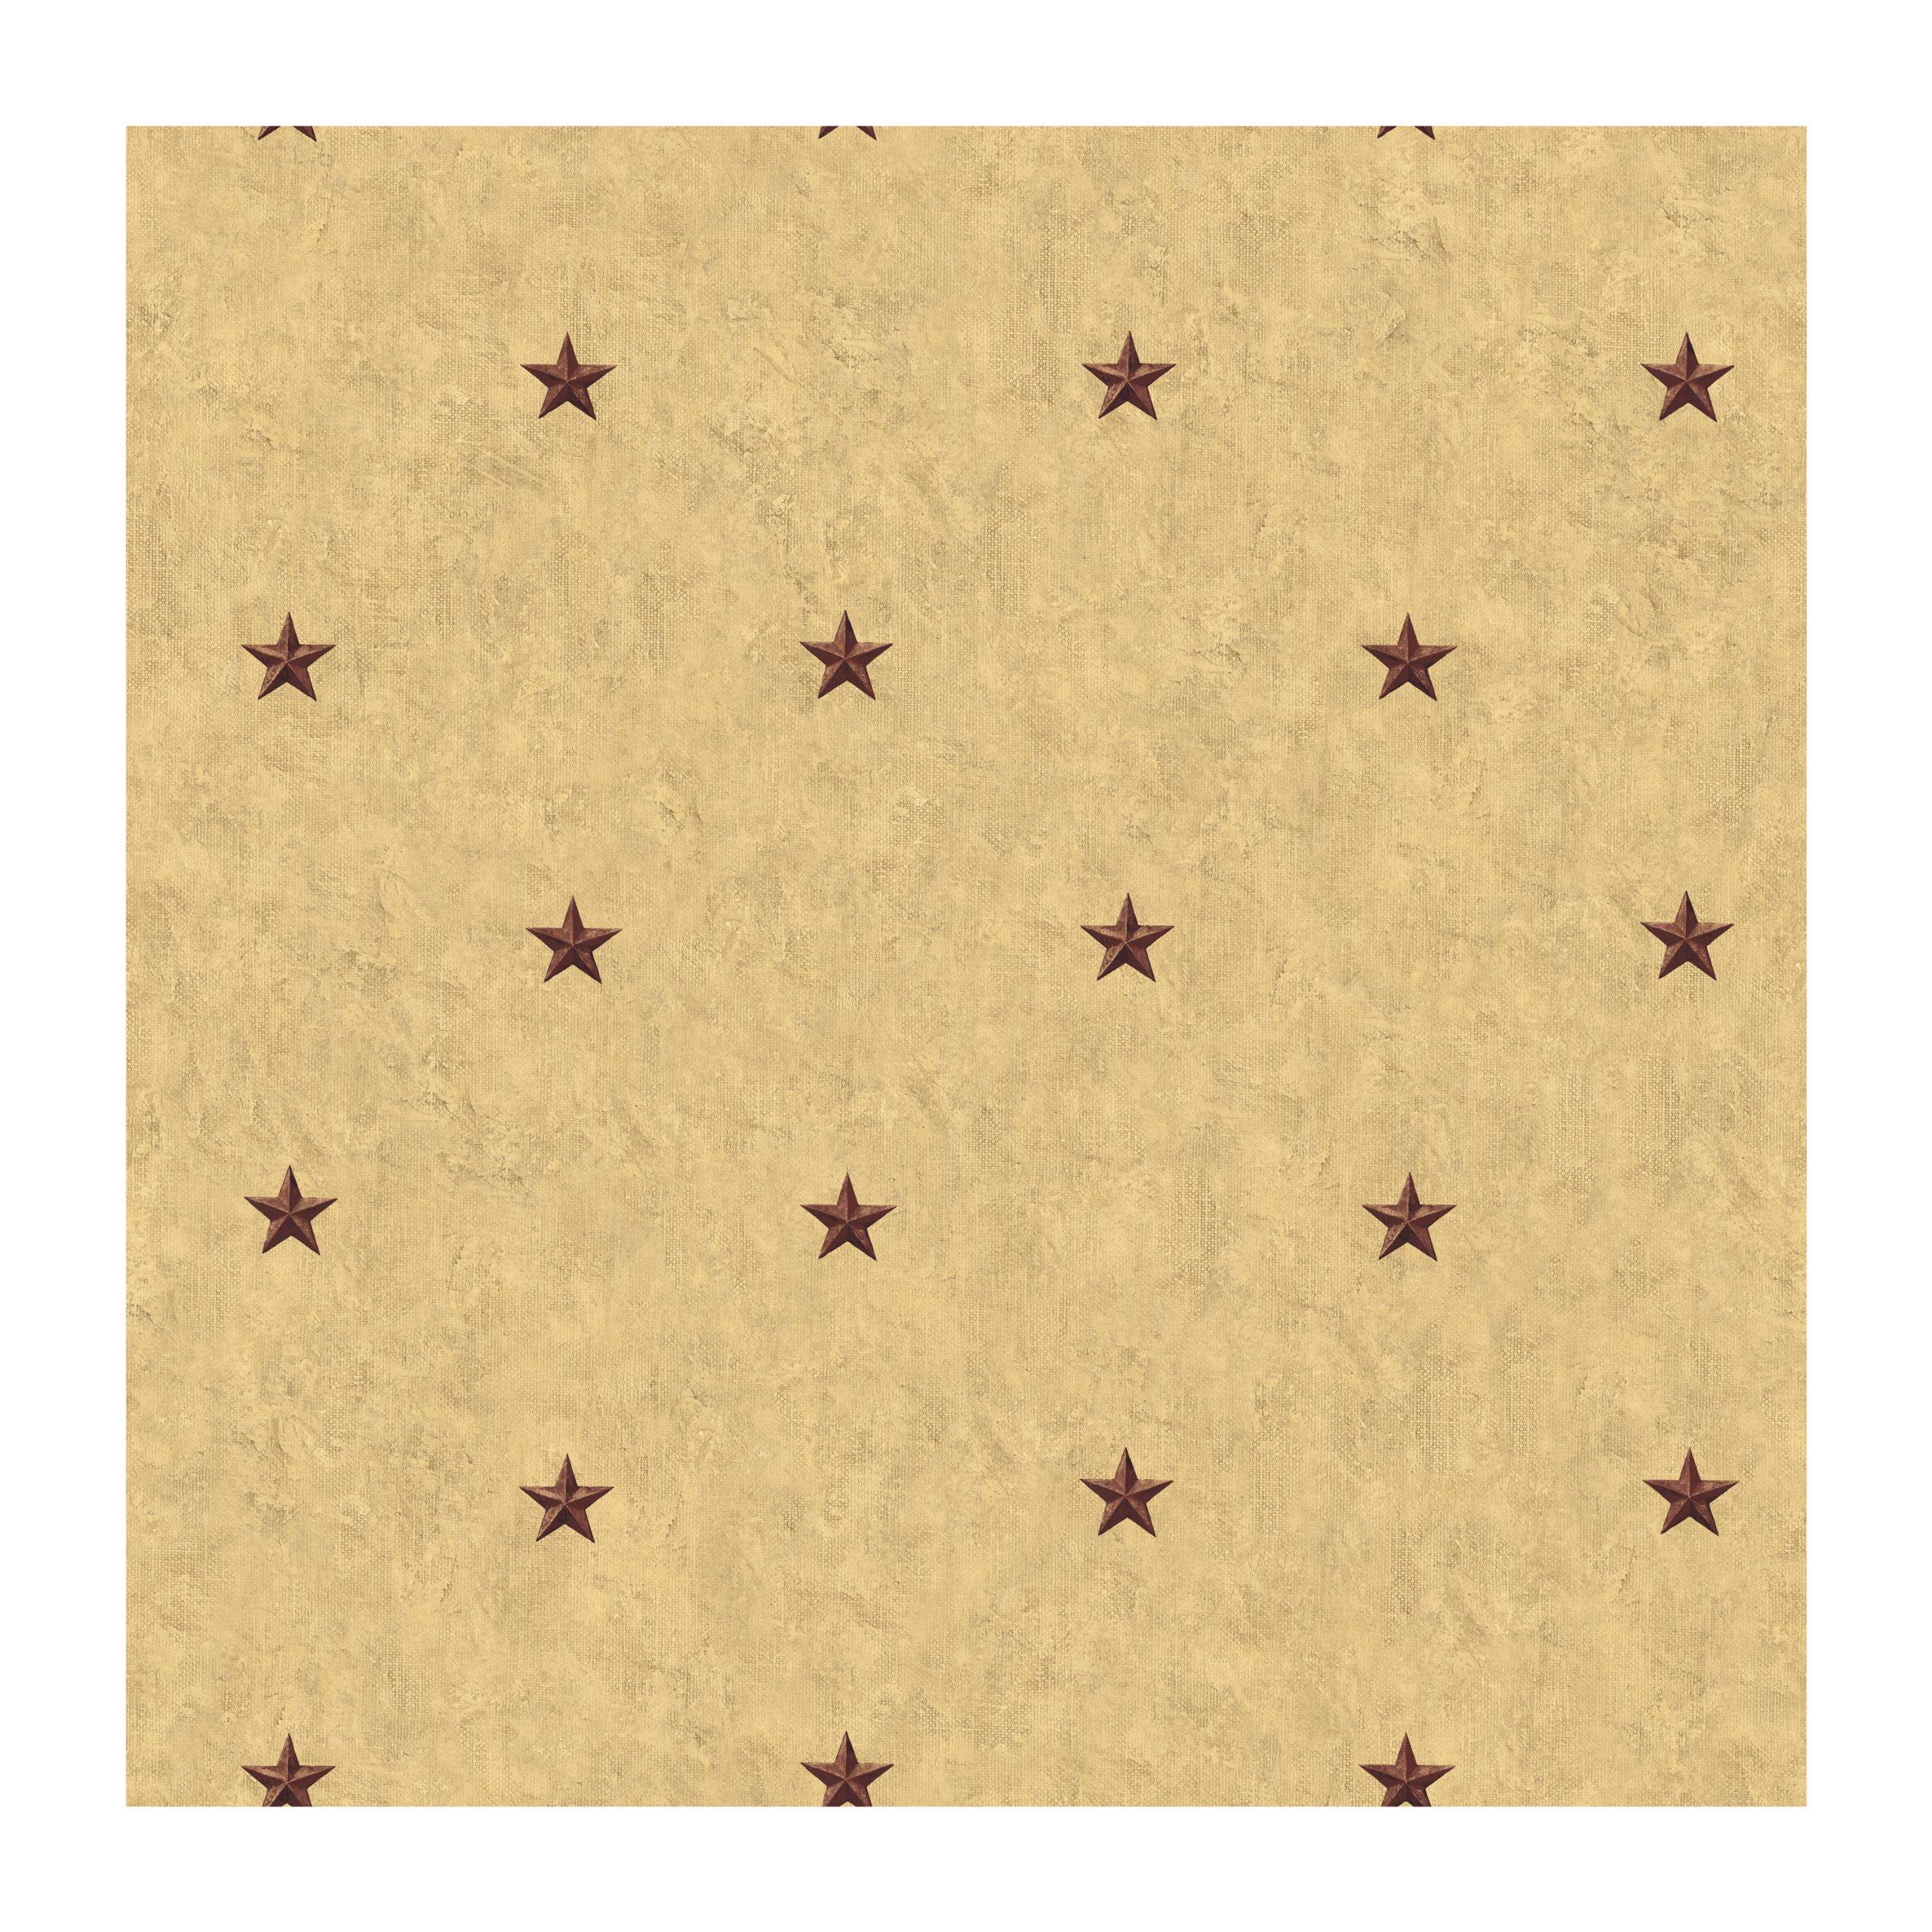 York Wallcoverings Best Of Country CT1923 Barn Star Spot Wallpaper, Khaki Background/Burgundy